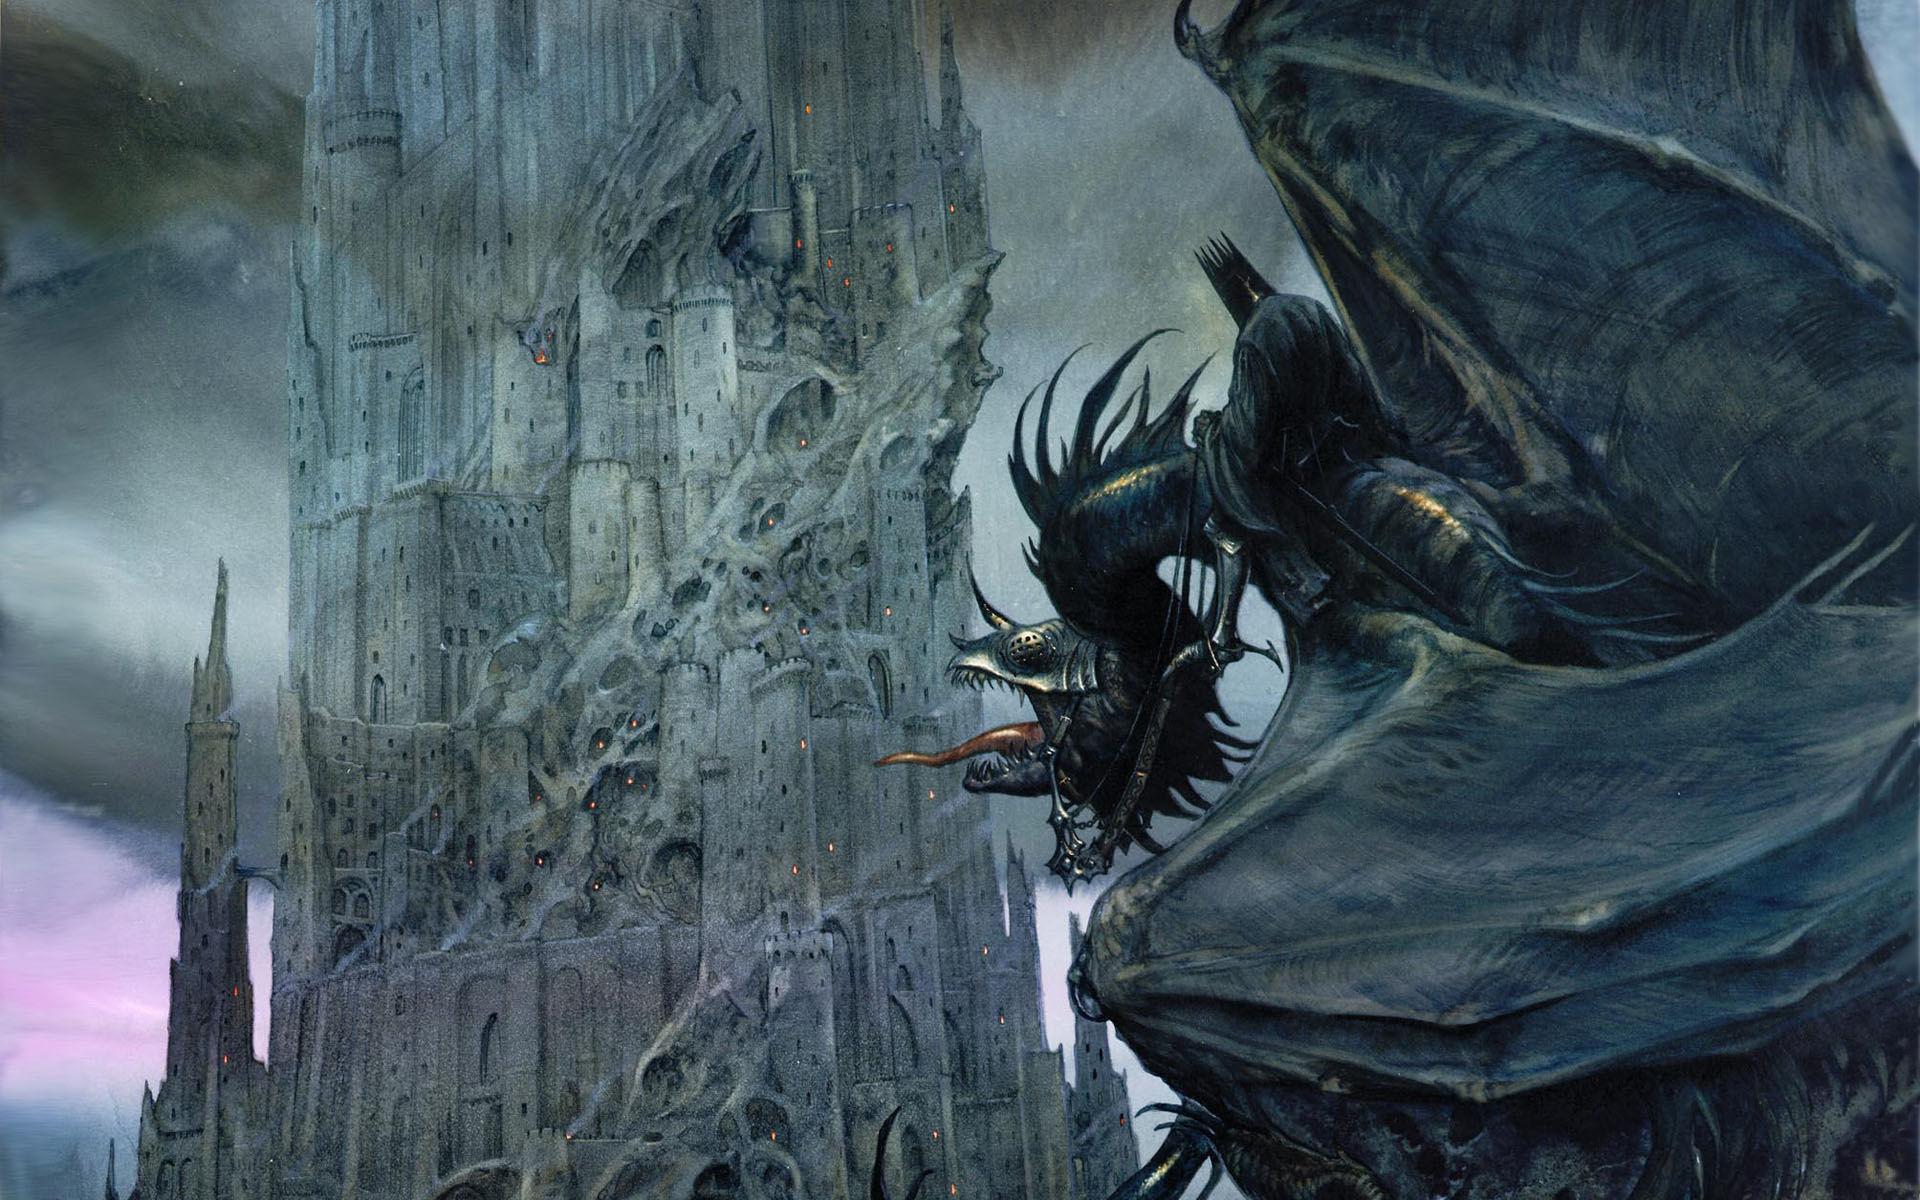 2539 - ¿Qué personaje de El Señor de los Anillos eres?